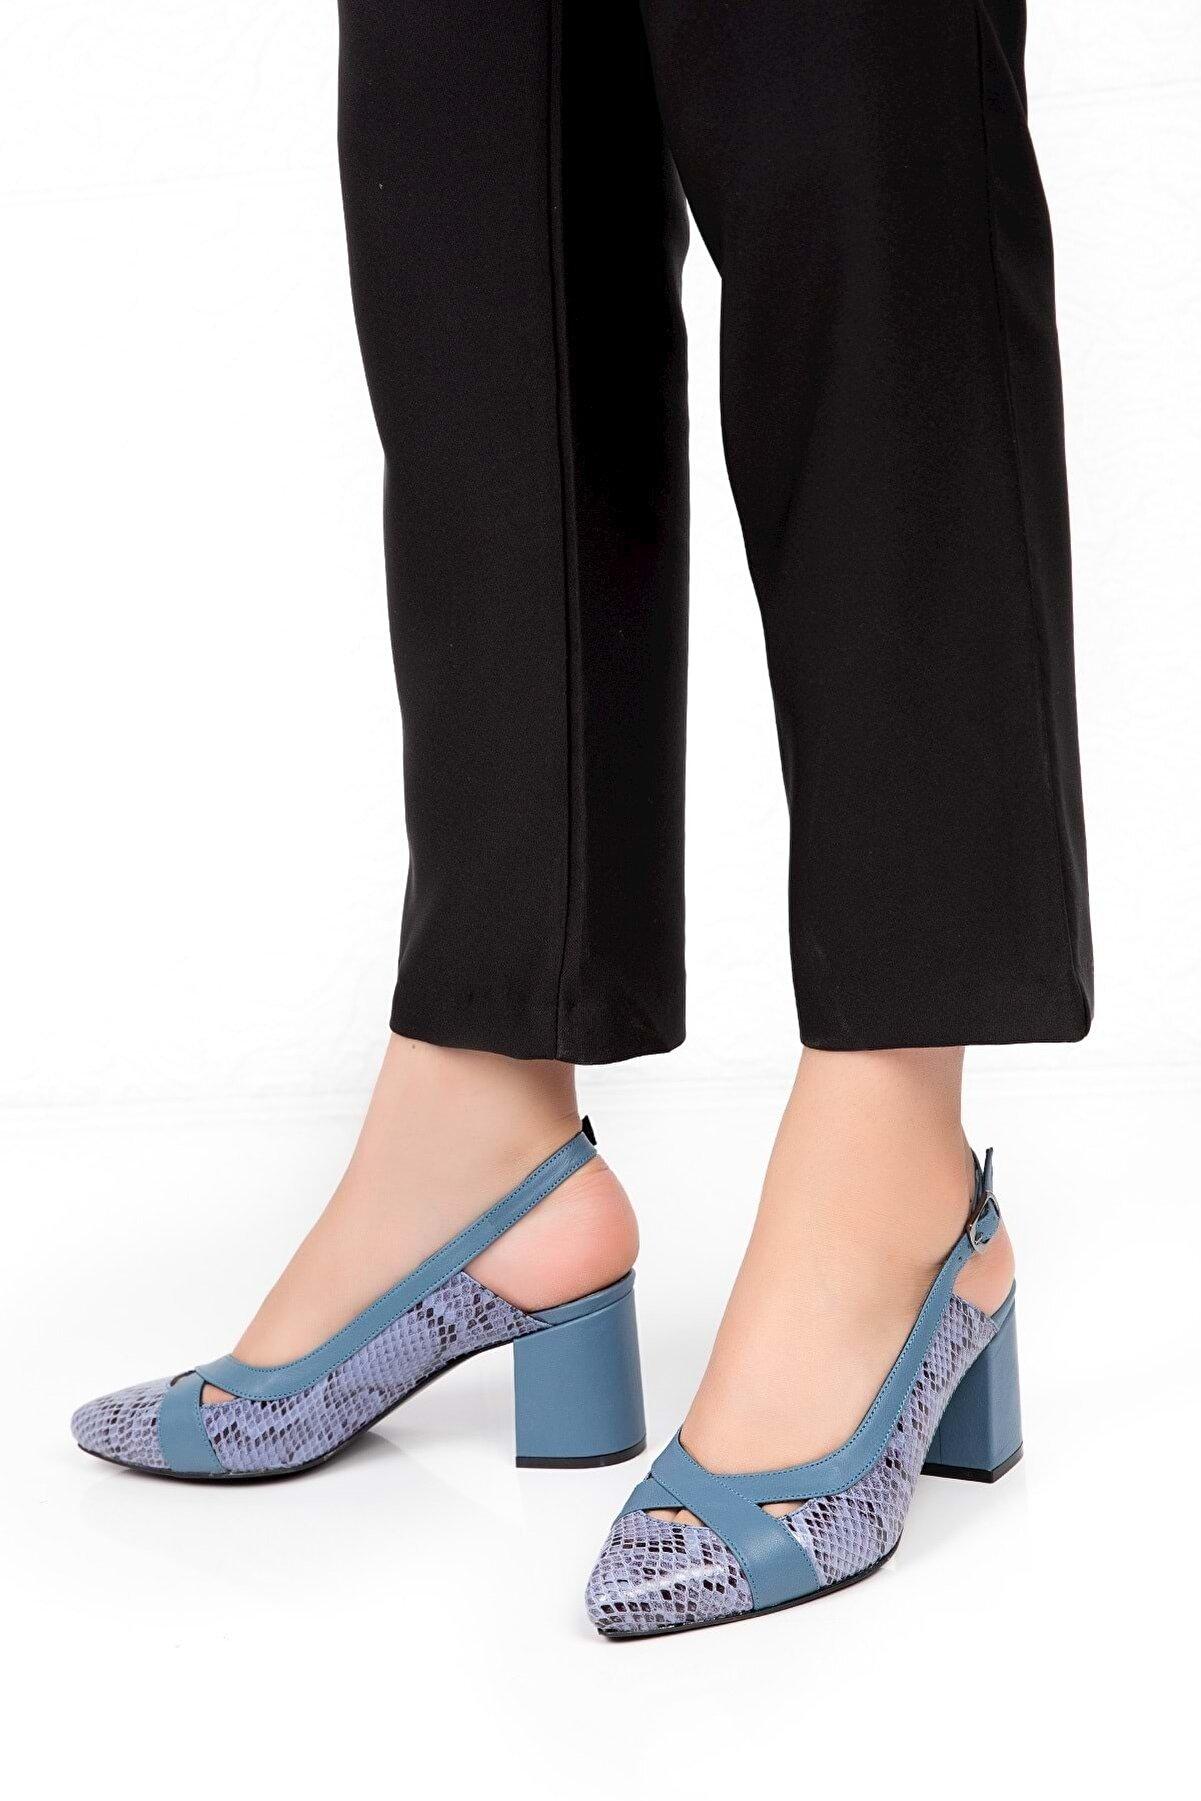 Gondol Hakiki Deri Yılan Desen Ayrıntılı Topuklu Ayakkabı Şhn.0738 - Mavi - 39